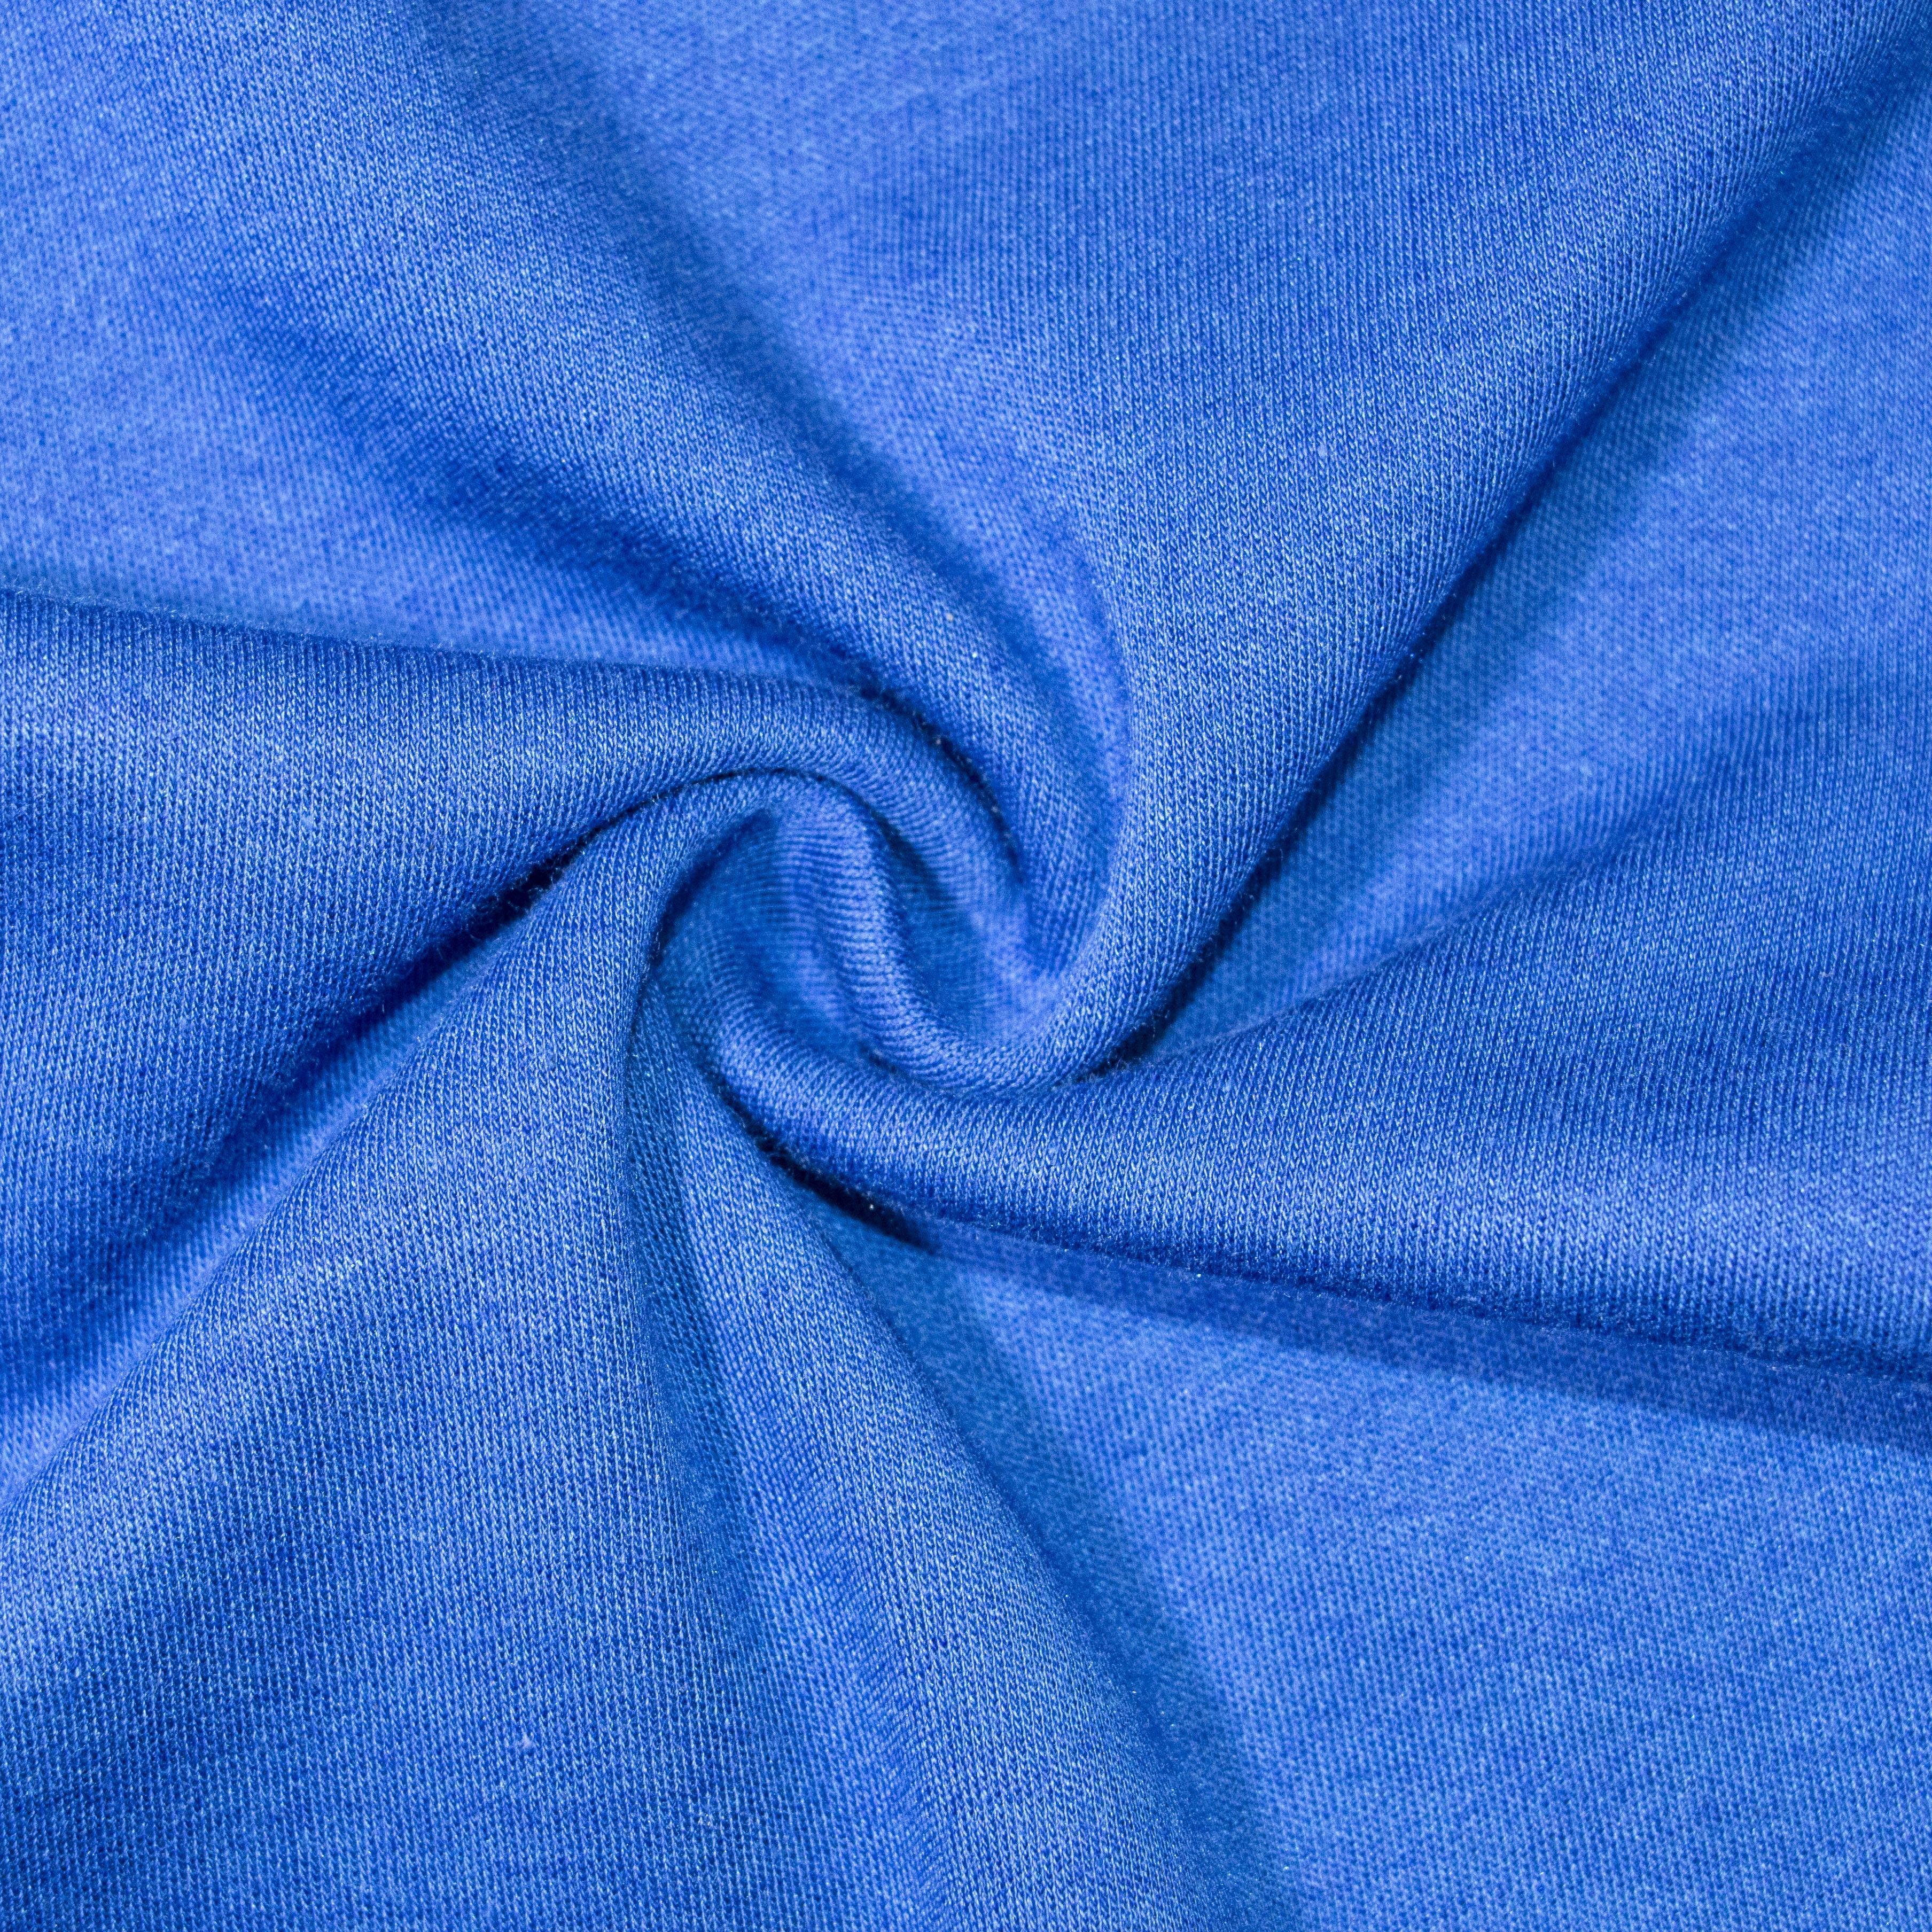 Модал — искусственное вискозное волокно из буковой или эвкалиптовой древесины